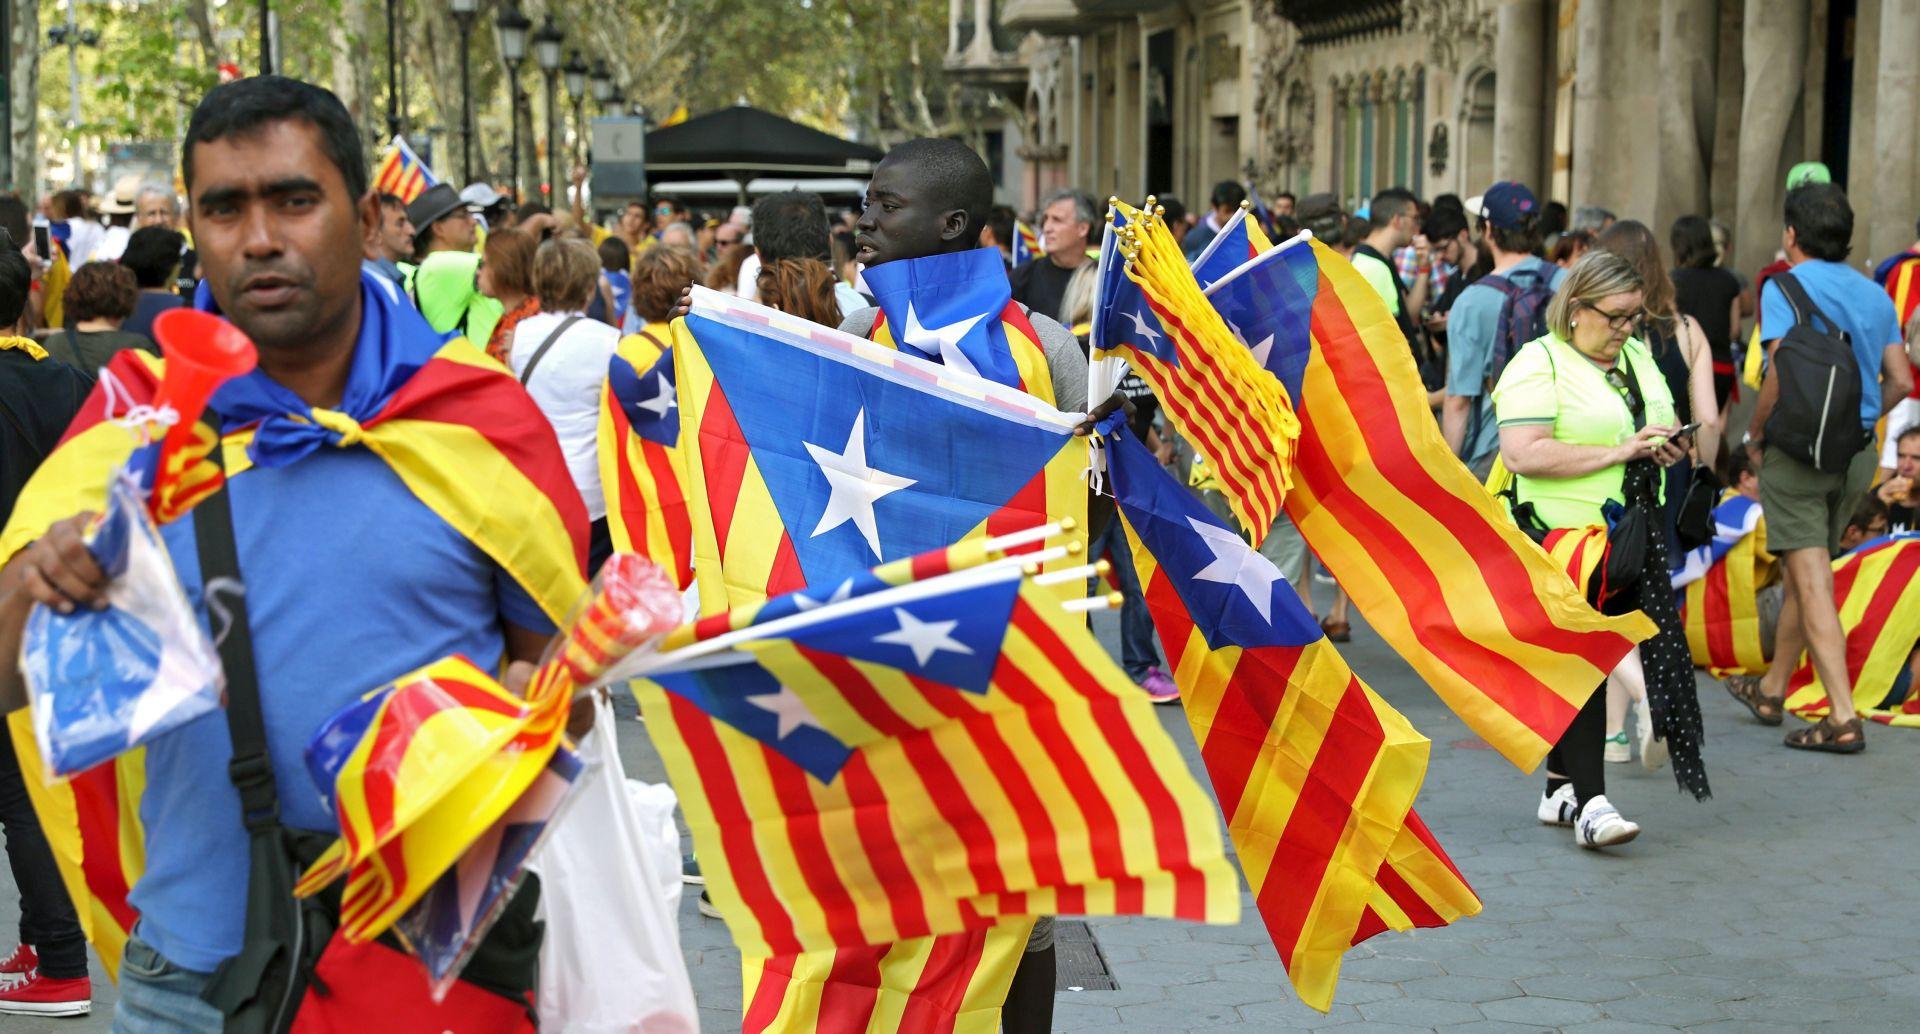 Španjolska istražuje isplatu 20.000 eura predstavništvu Katalonije u Hrvatskoj